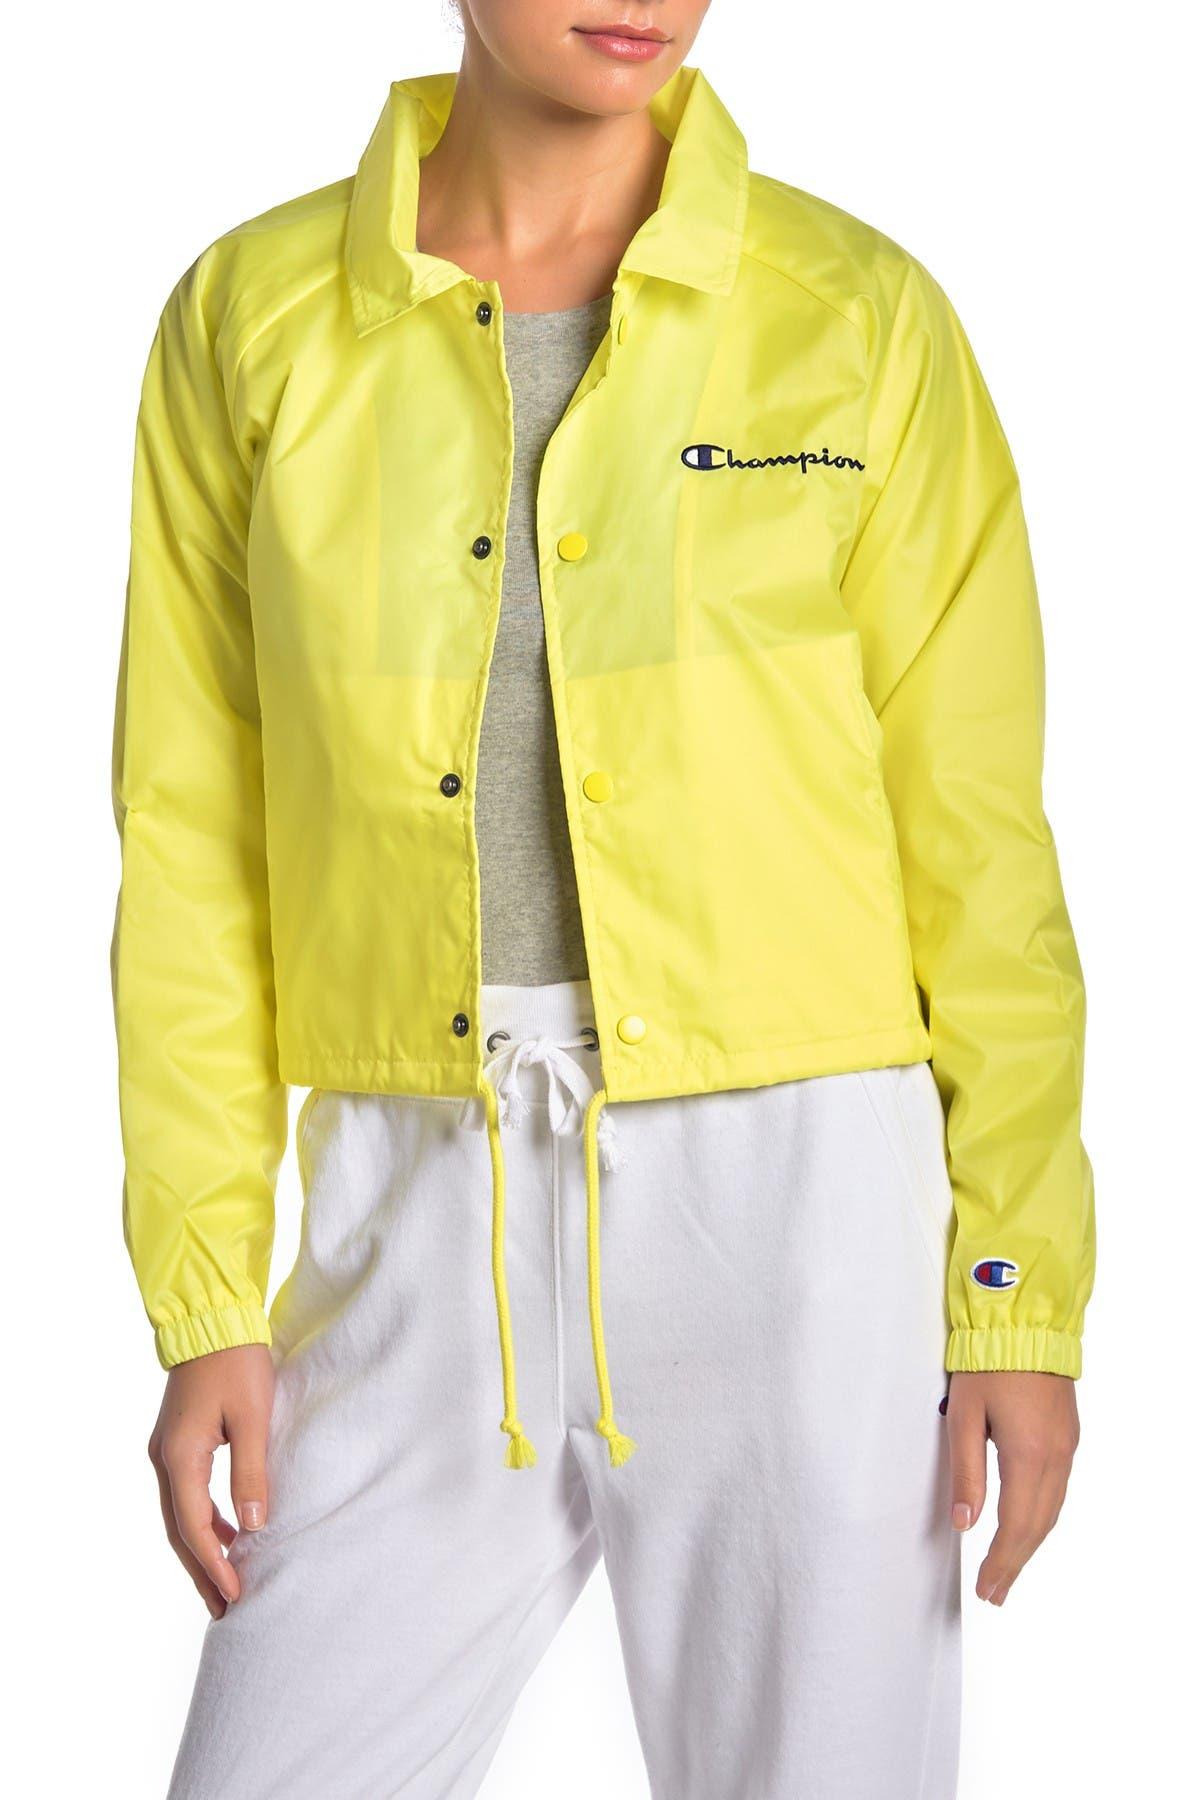 Image of Champion Cropped Coaches Jacket